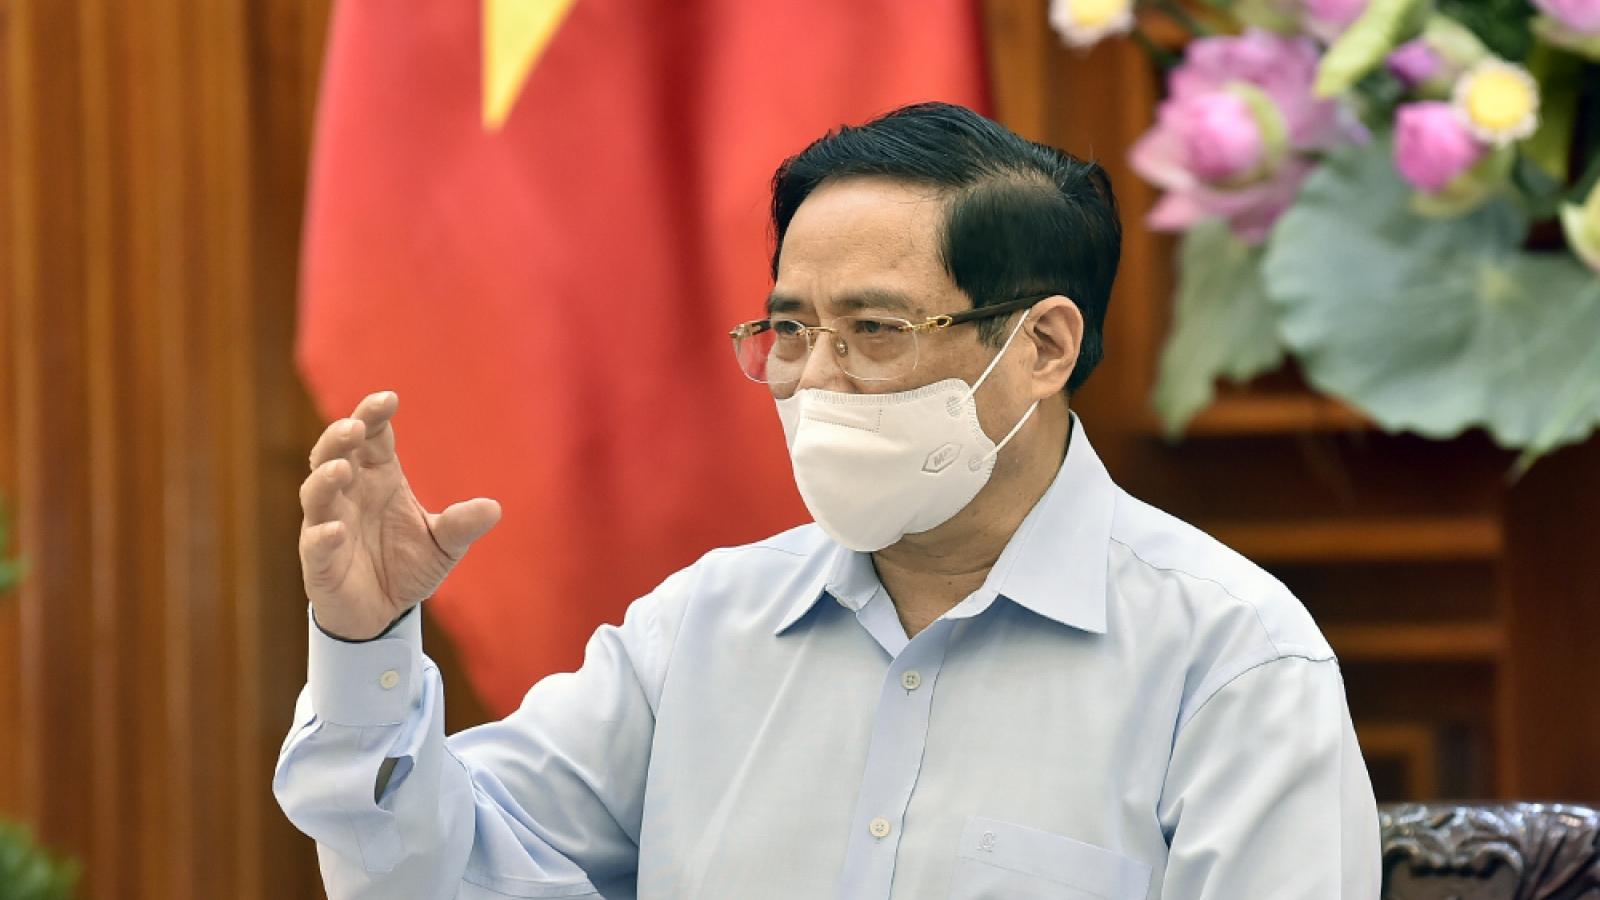 Thủ tướng khen CDC, Sở Y tế Đà Nẵng vì thành tích chống dịch Covid-19